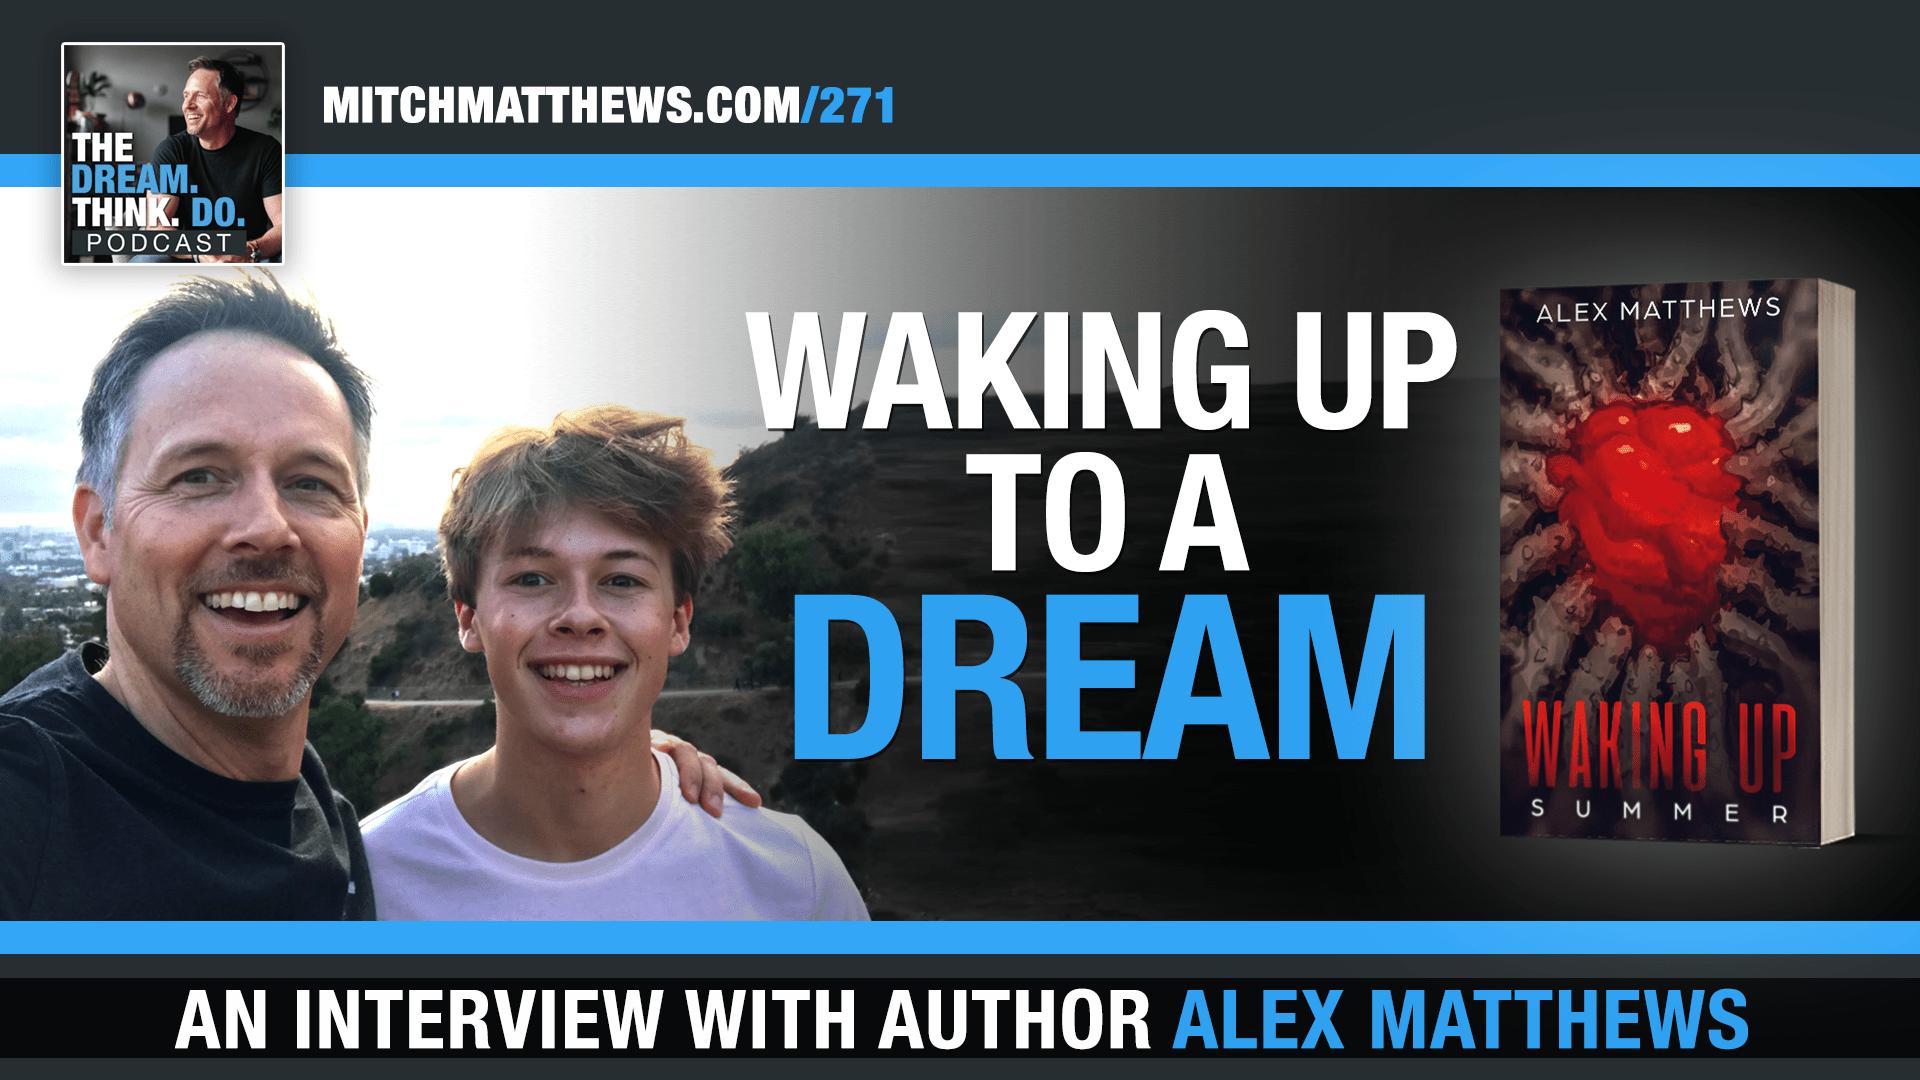 Alex Matthews Interview with Mitch Matthews